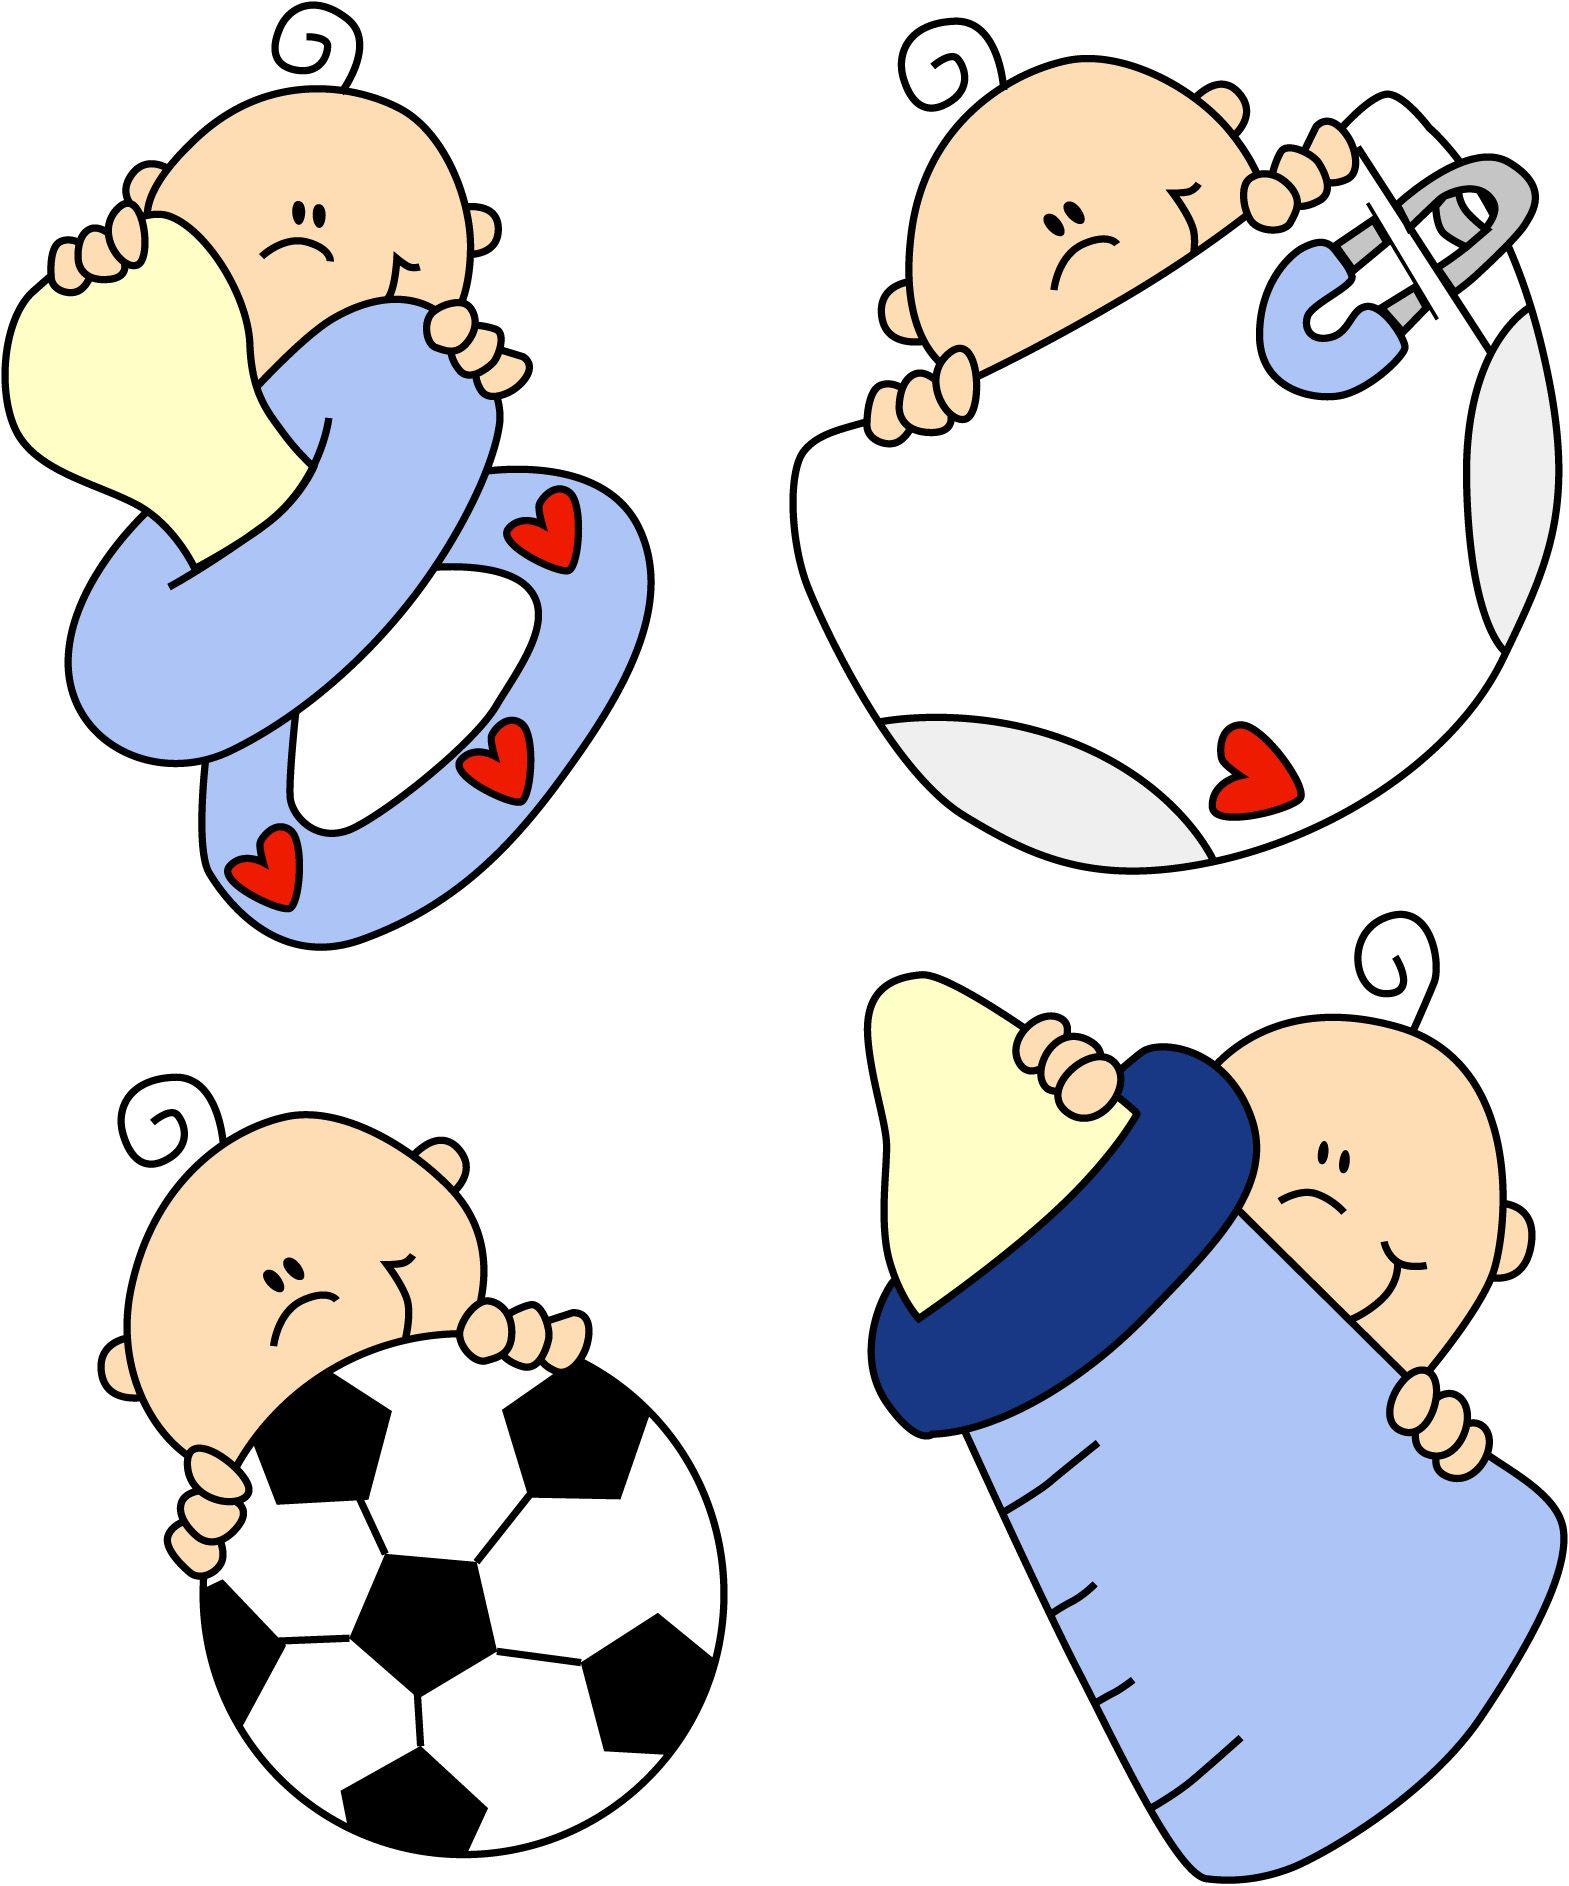 Imagenes tiernas de bebes animadas para baby shower - Dibujos para paredes de bebes ...